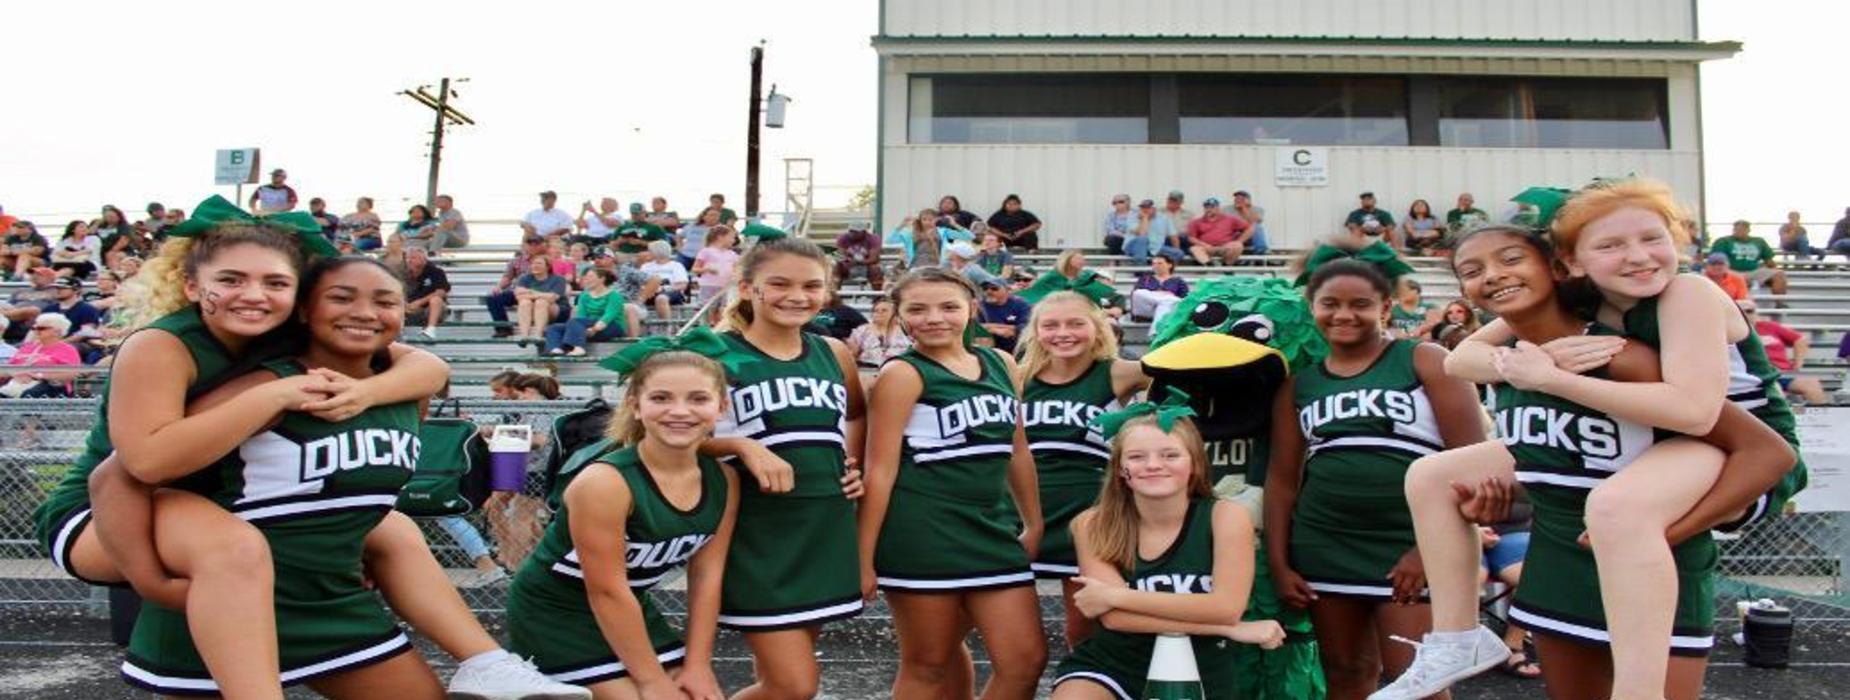 tms cheerleaders